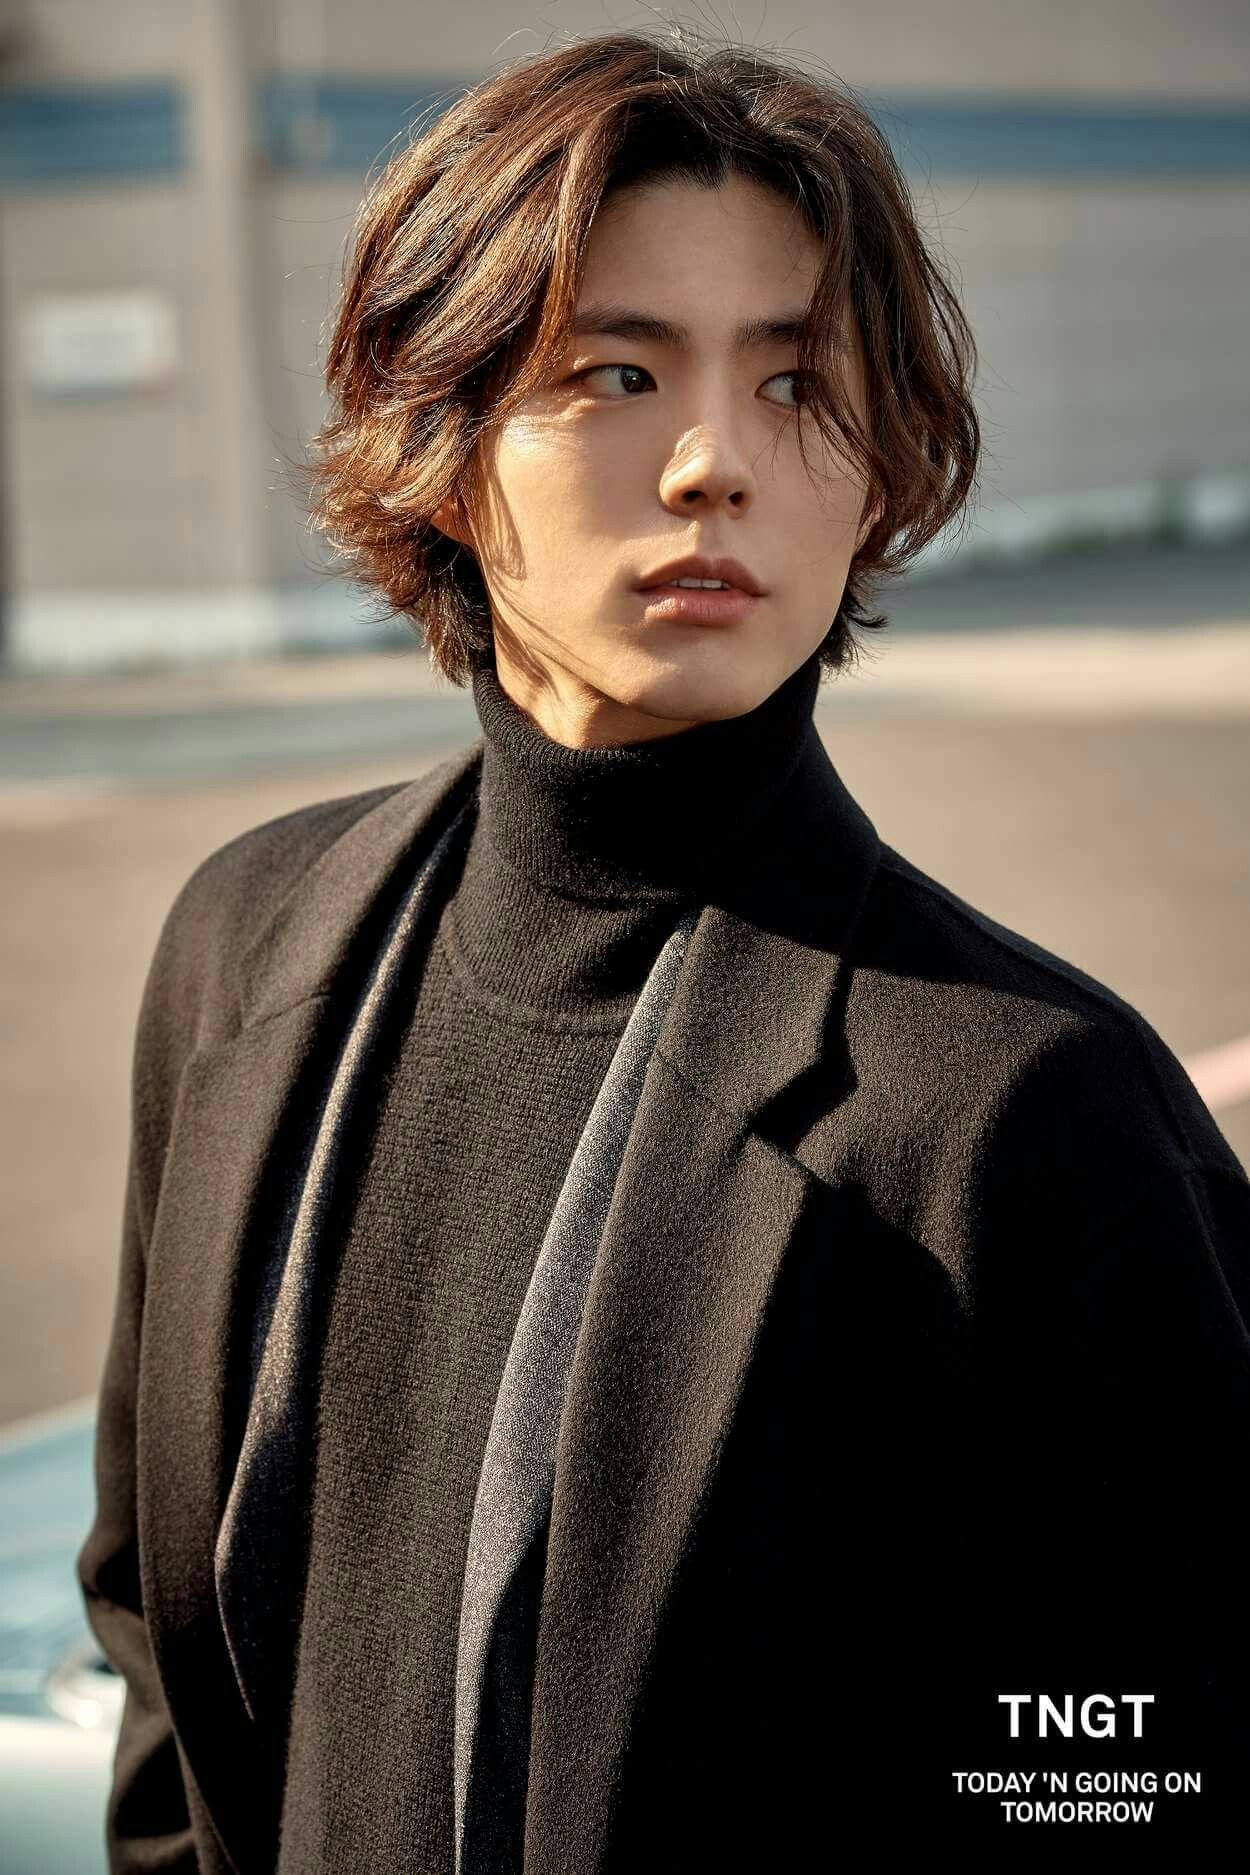 Park Bo Gum (박보검)에 있는 ♥P♥님의 핀 머리, 남자 머리, 남자 긴 머리